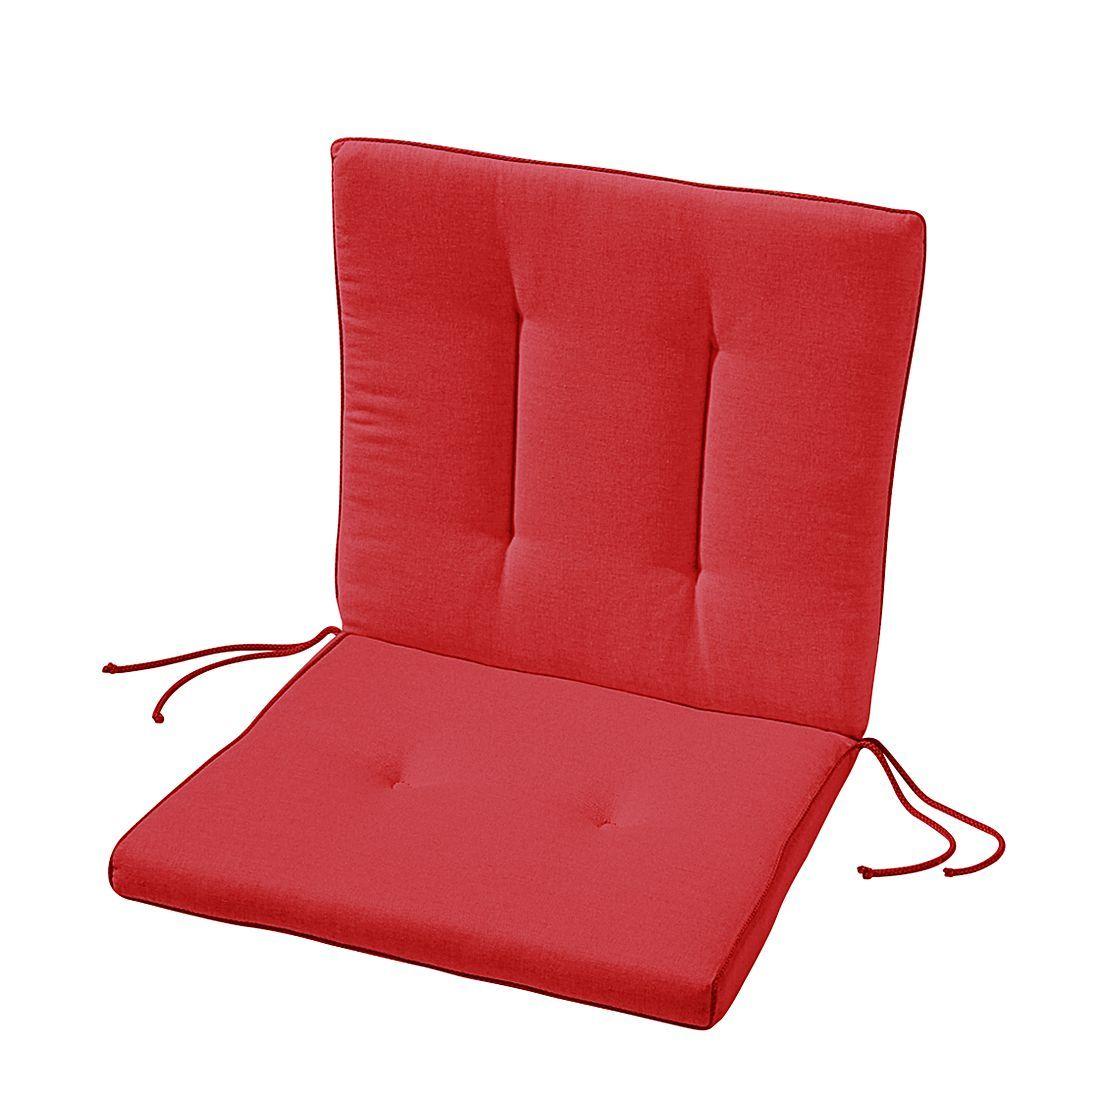 pin von ladendirekt auf gartenm bel pinterest sitzauflagen gartenmoebel und suchmaschinen. Black Bedroom Furniture Sets. Home Design Ideas